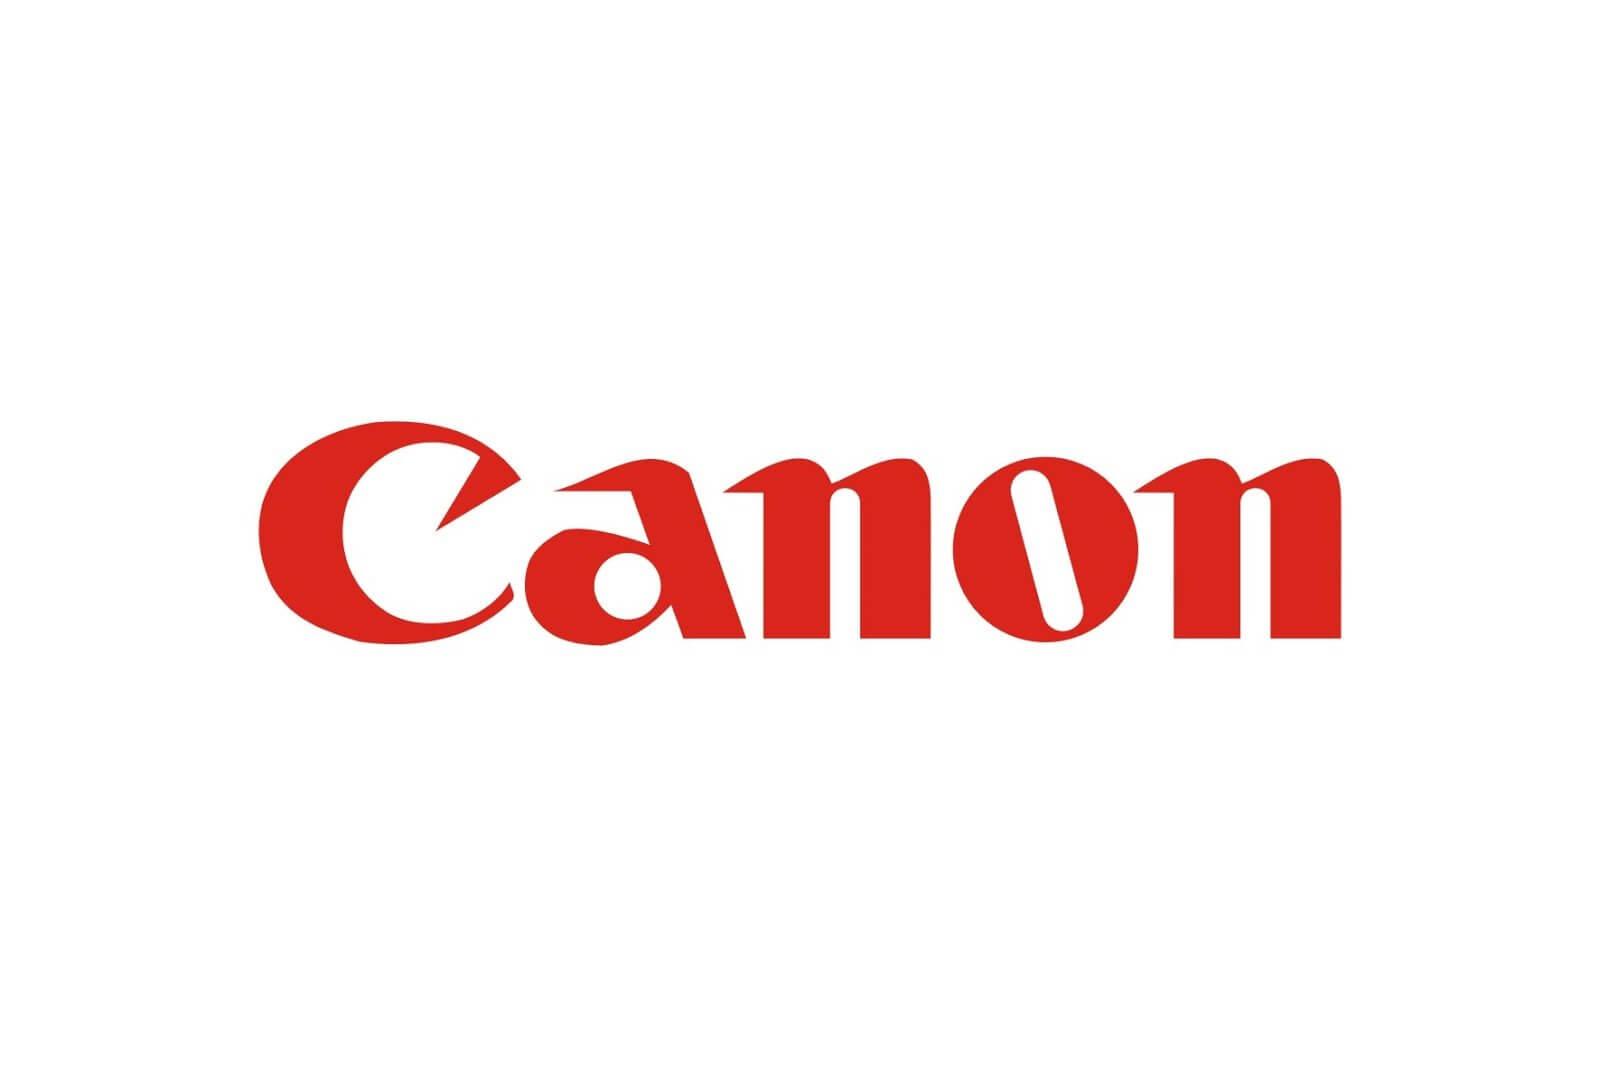 Canon Case Study